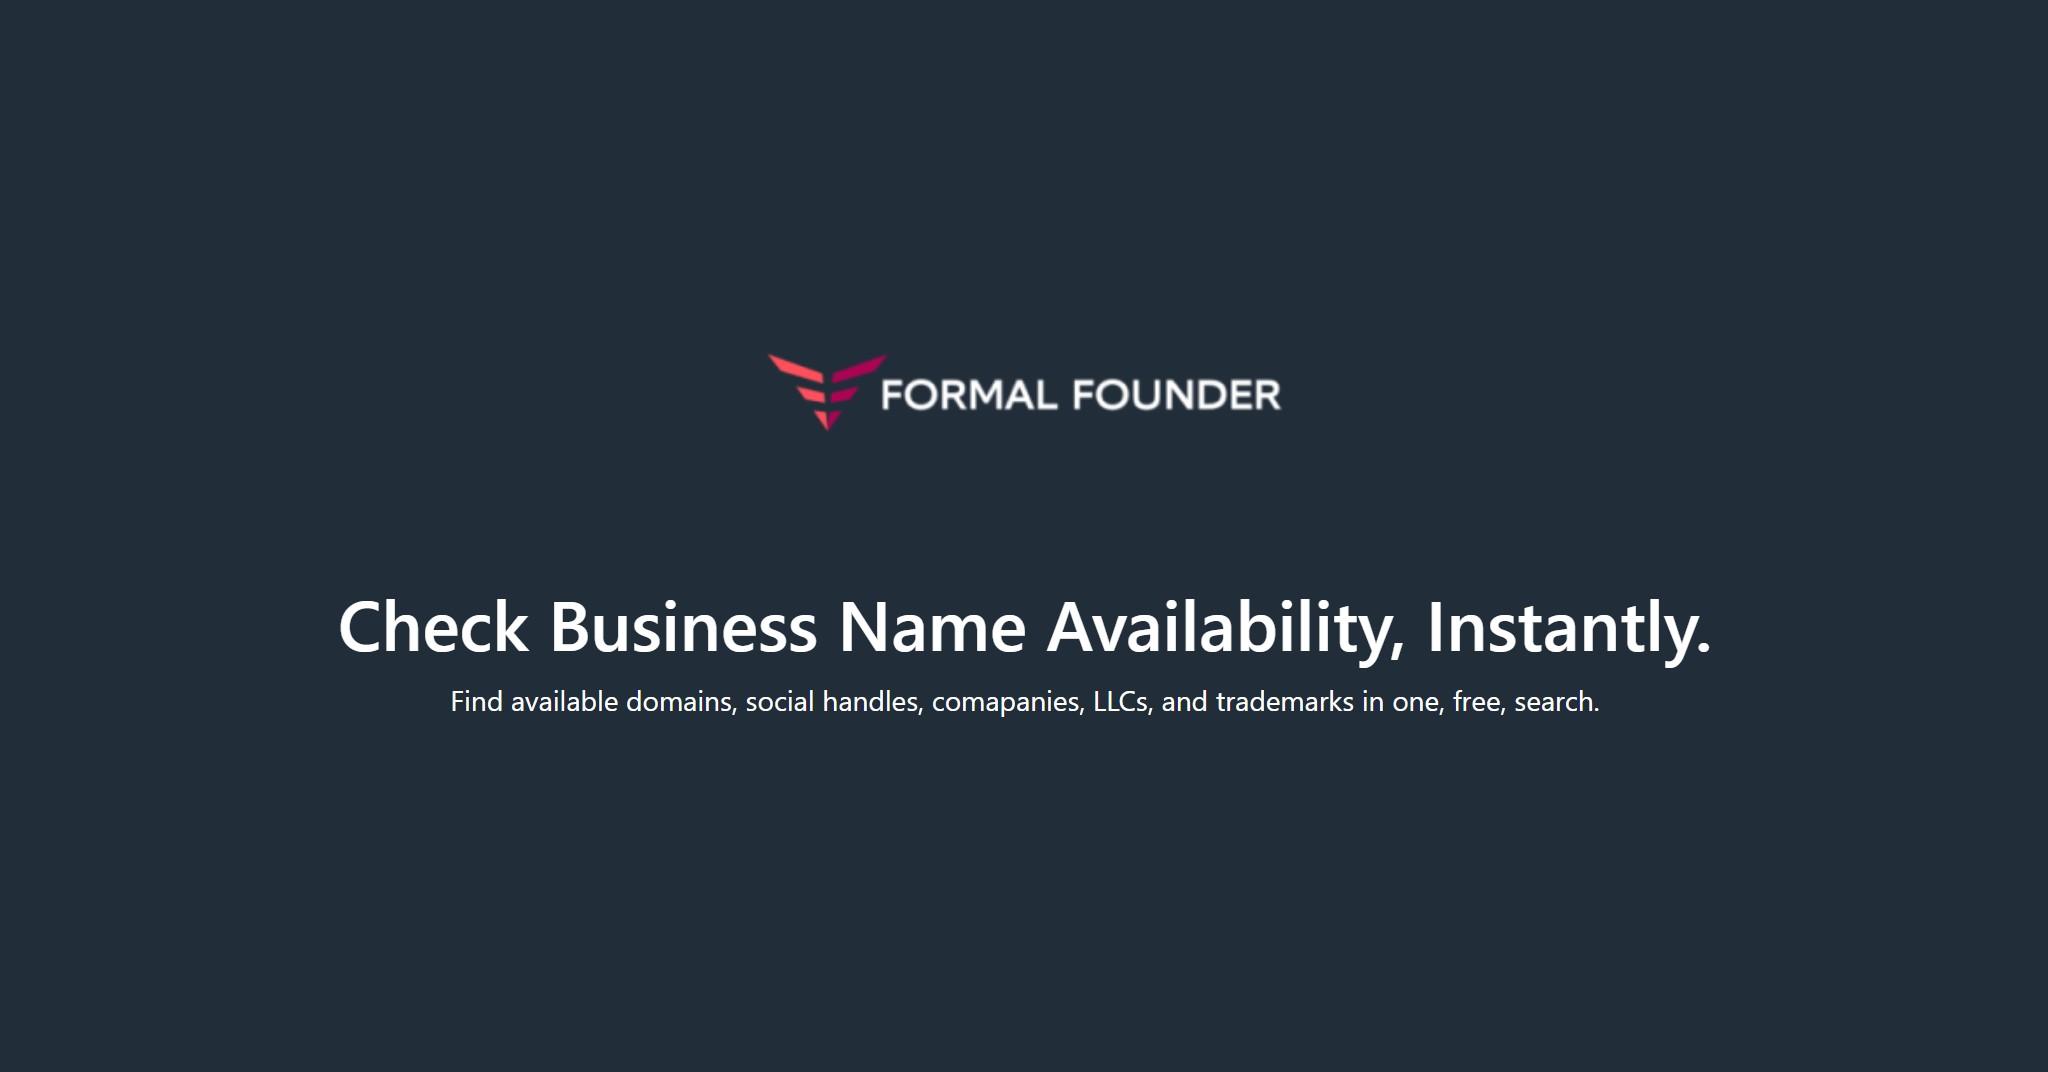 Formal Founder